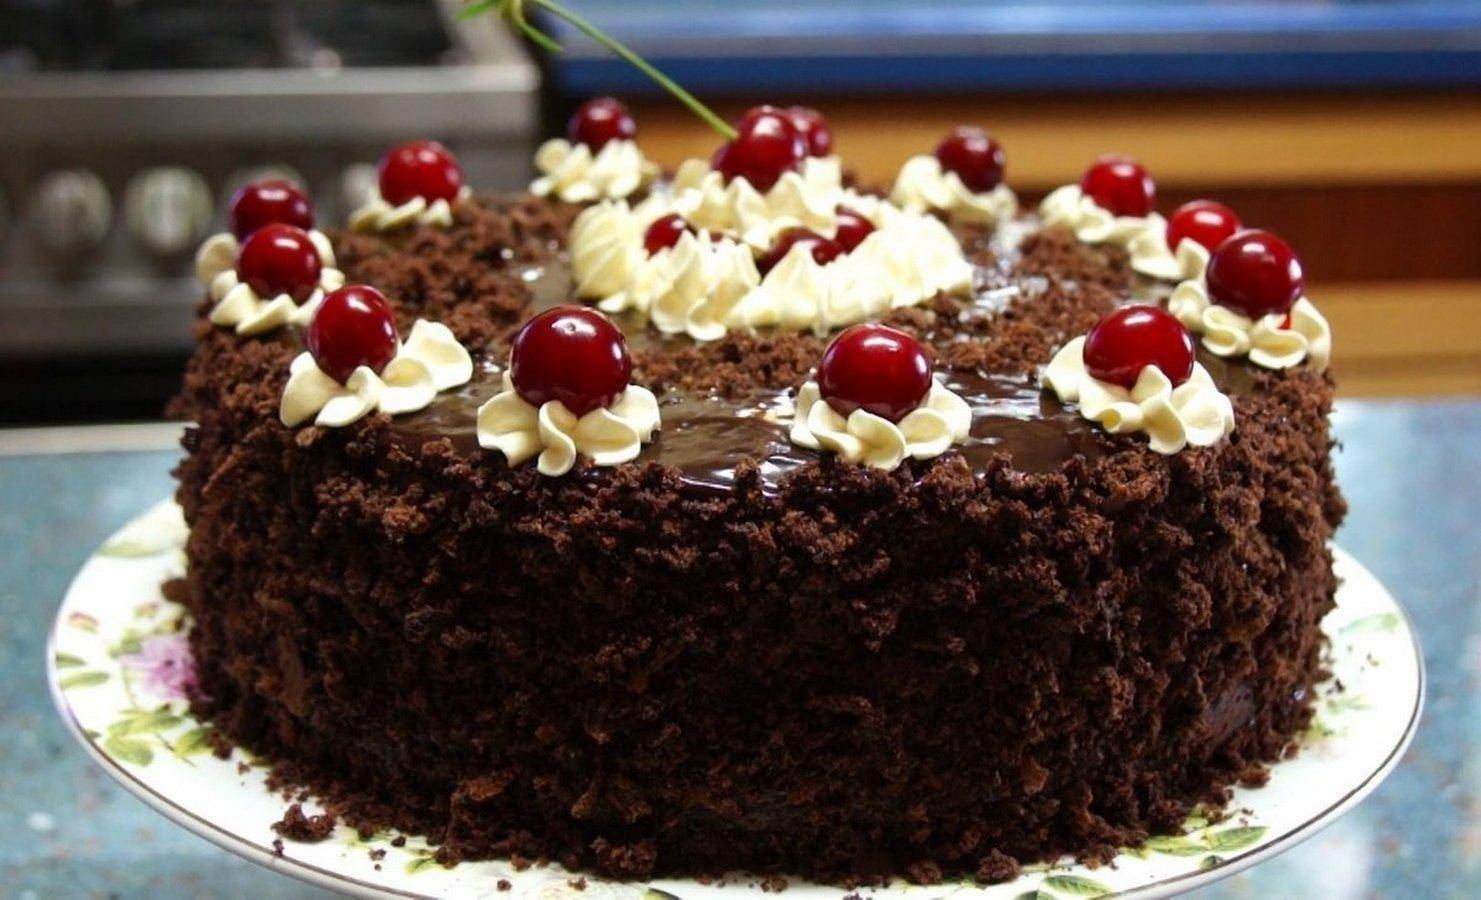 Вкусный торт «пьяная вишня»: классический рецепт для праздничного стола